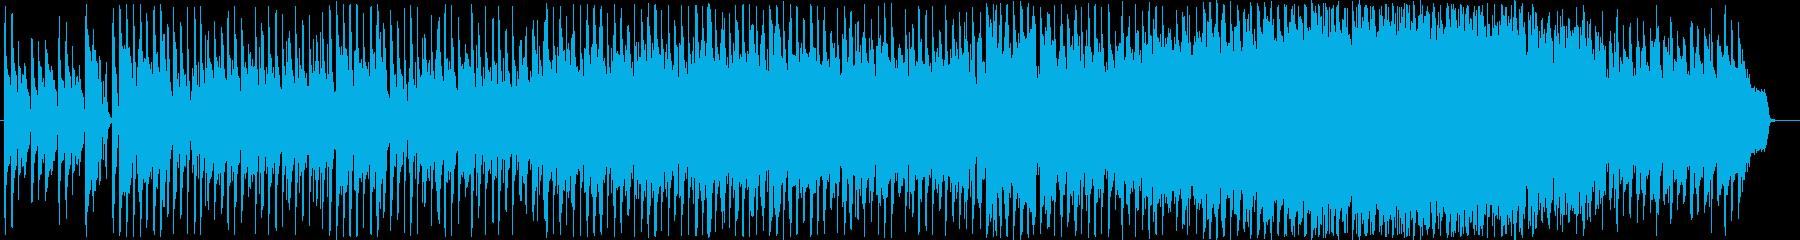 メロディ強めのポップ系BGMの再生済みの波形